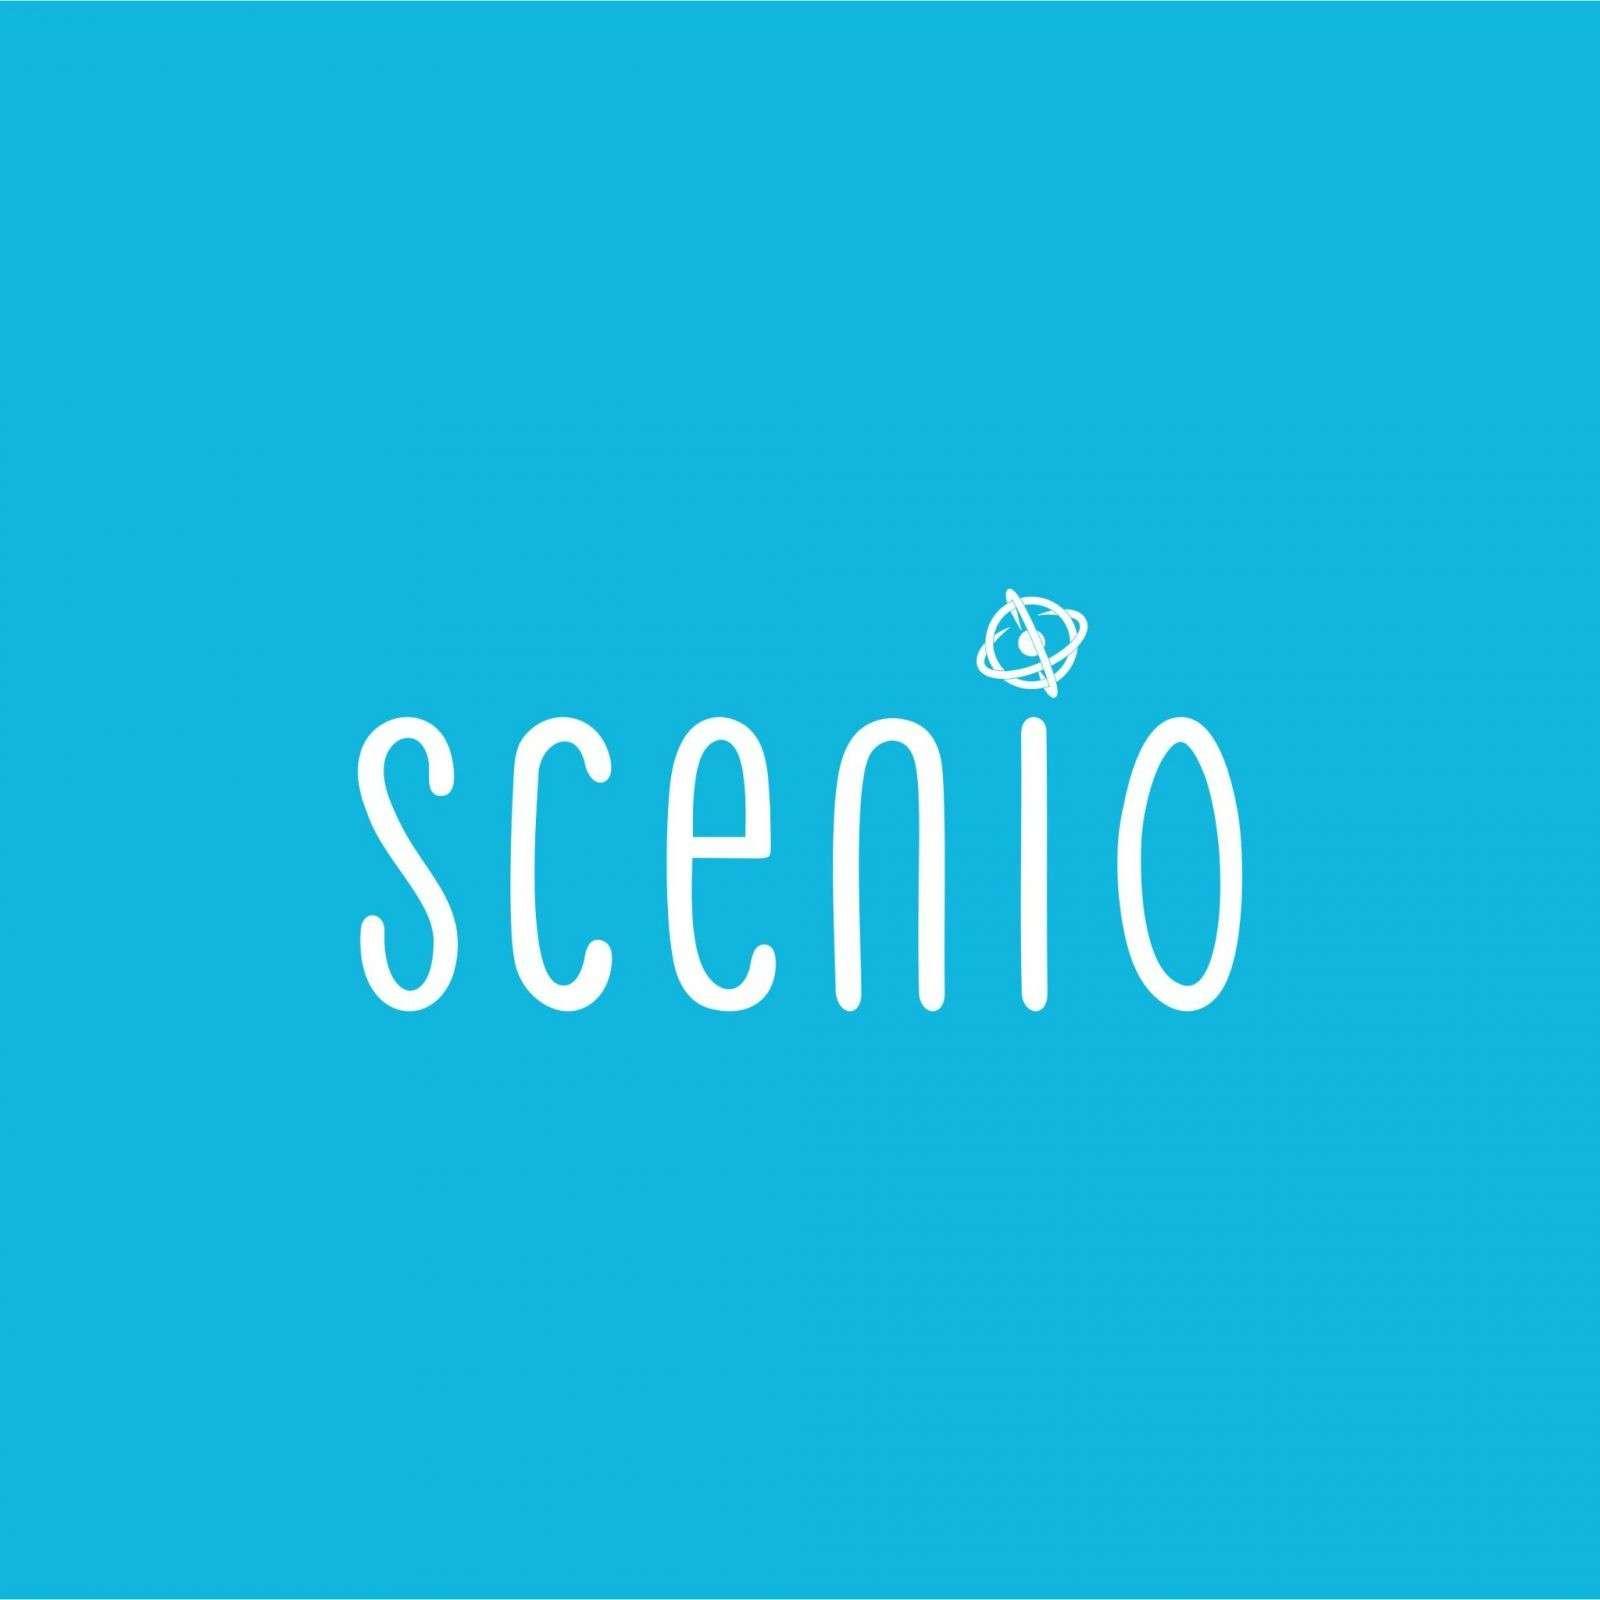 Scenio